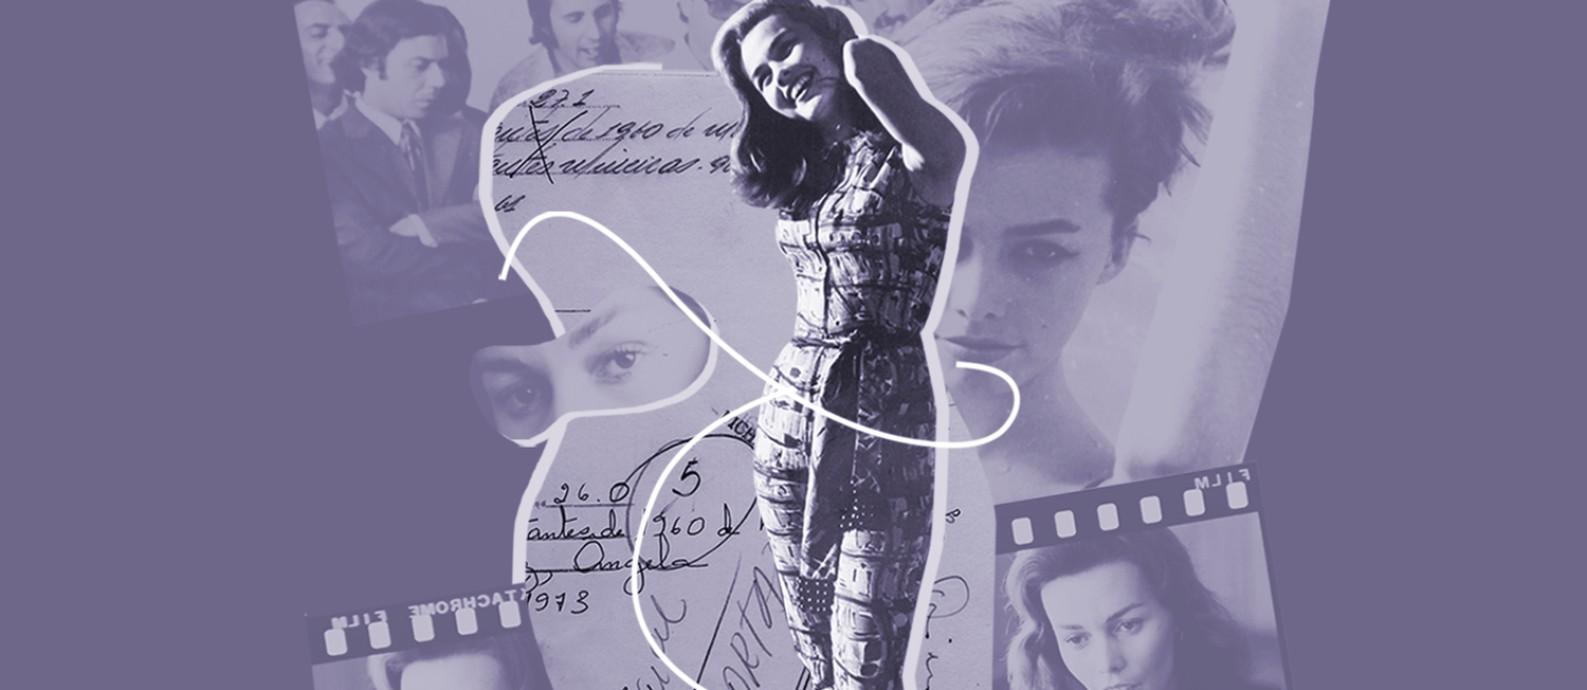 'Praia dos Ossos' conta a história de Ângela Diniz, morta após tentar romper um relacionamento amoroso em 1976, num crime que hoje seria classificado como feminicídio Foto: Divulgação/Rádio Novelo